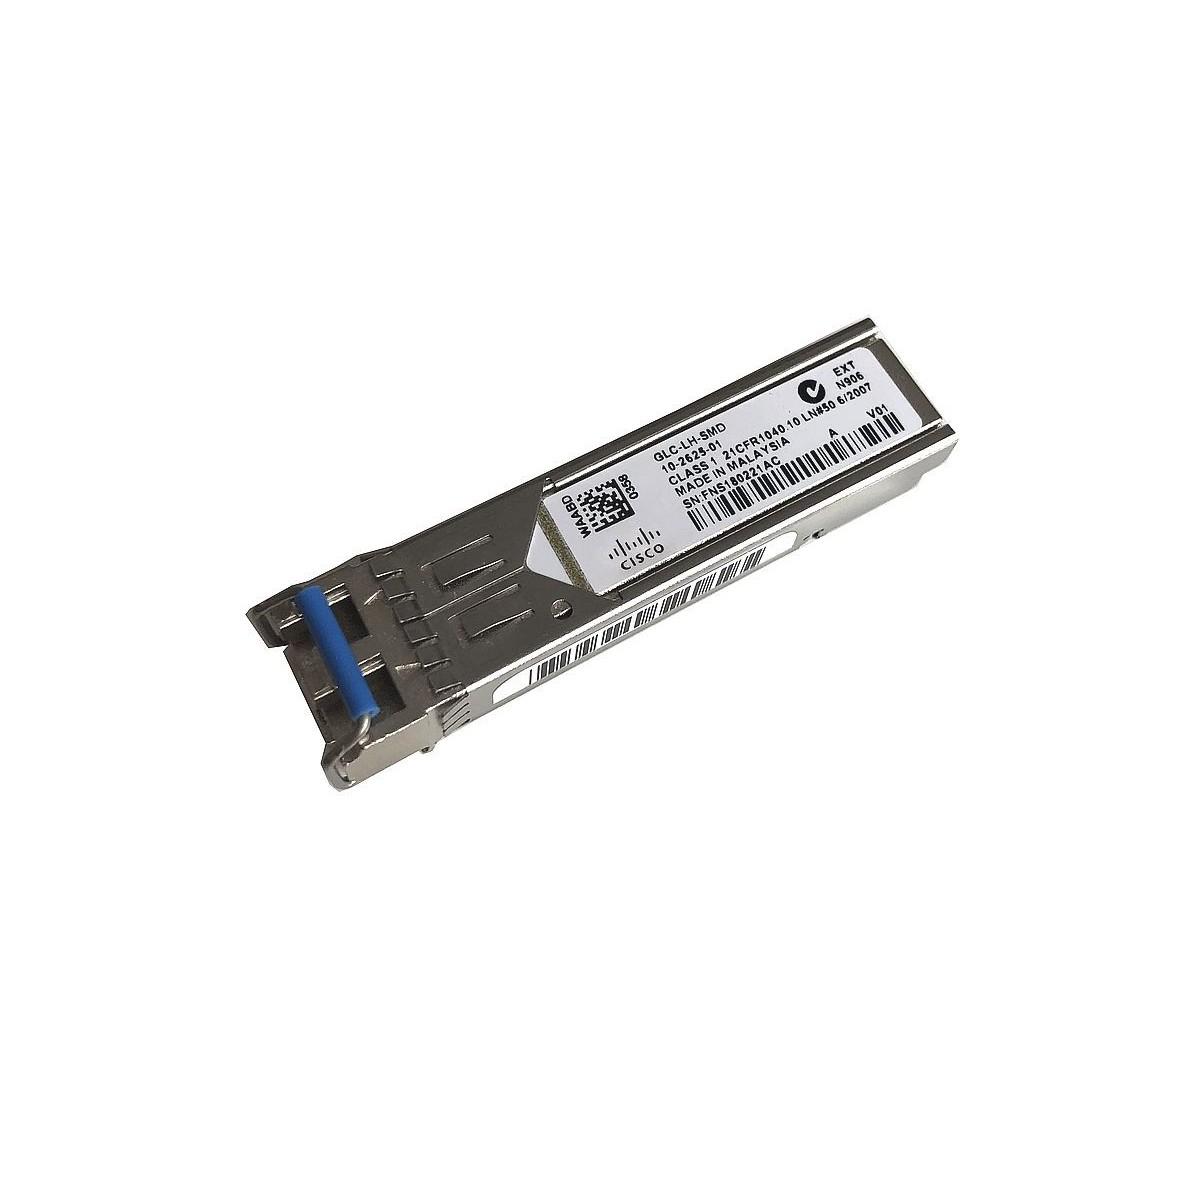 DELL T1650 3.4QC i7-3770 8GB 500GB Q600 WIN7 PRO